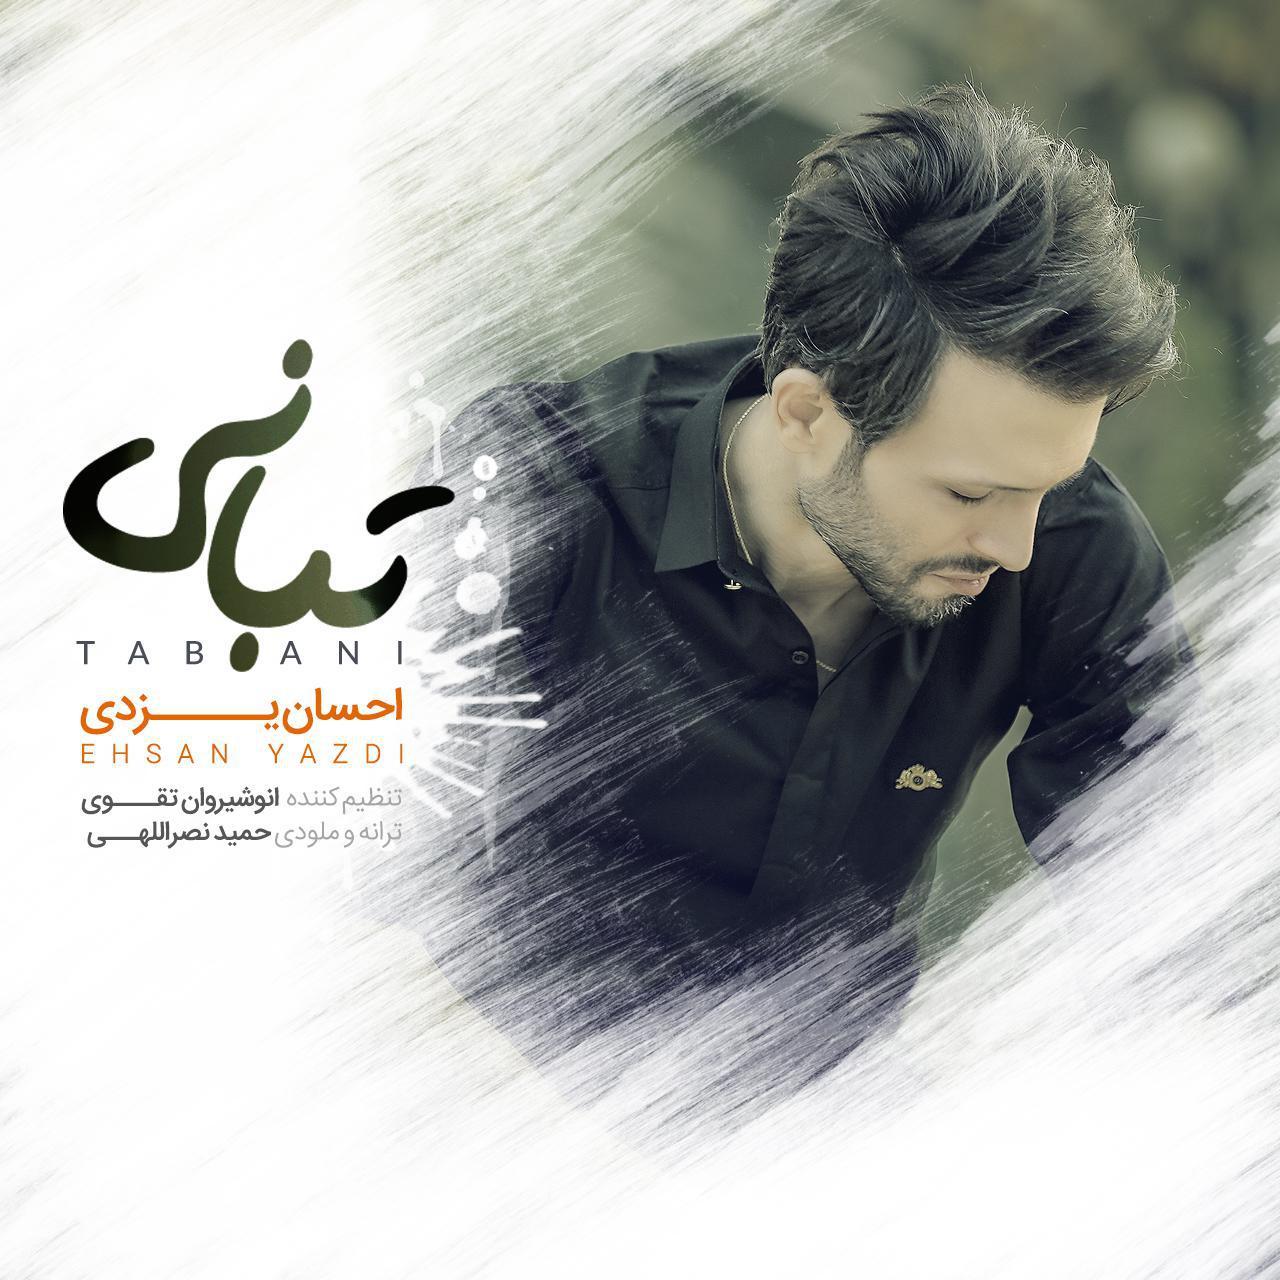 احسان یزدی به نام تبانی